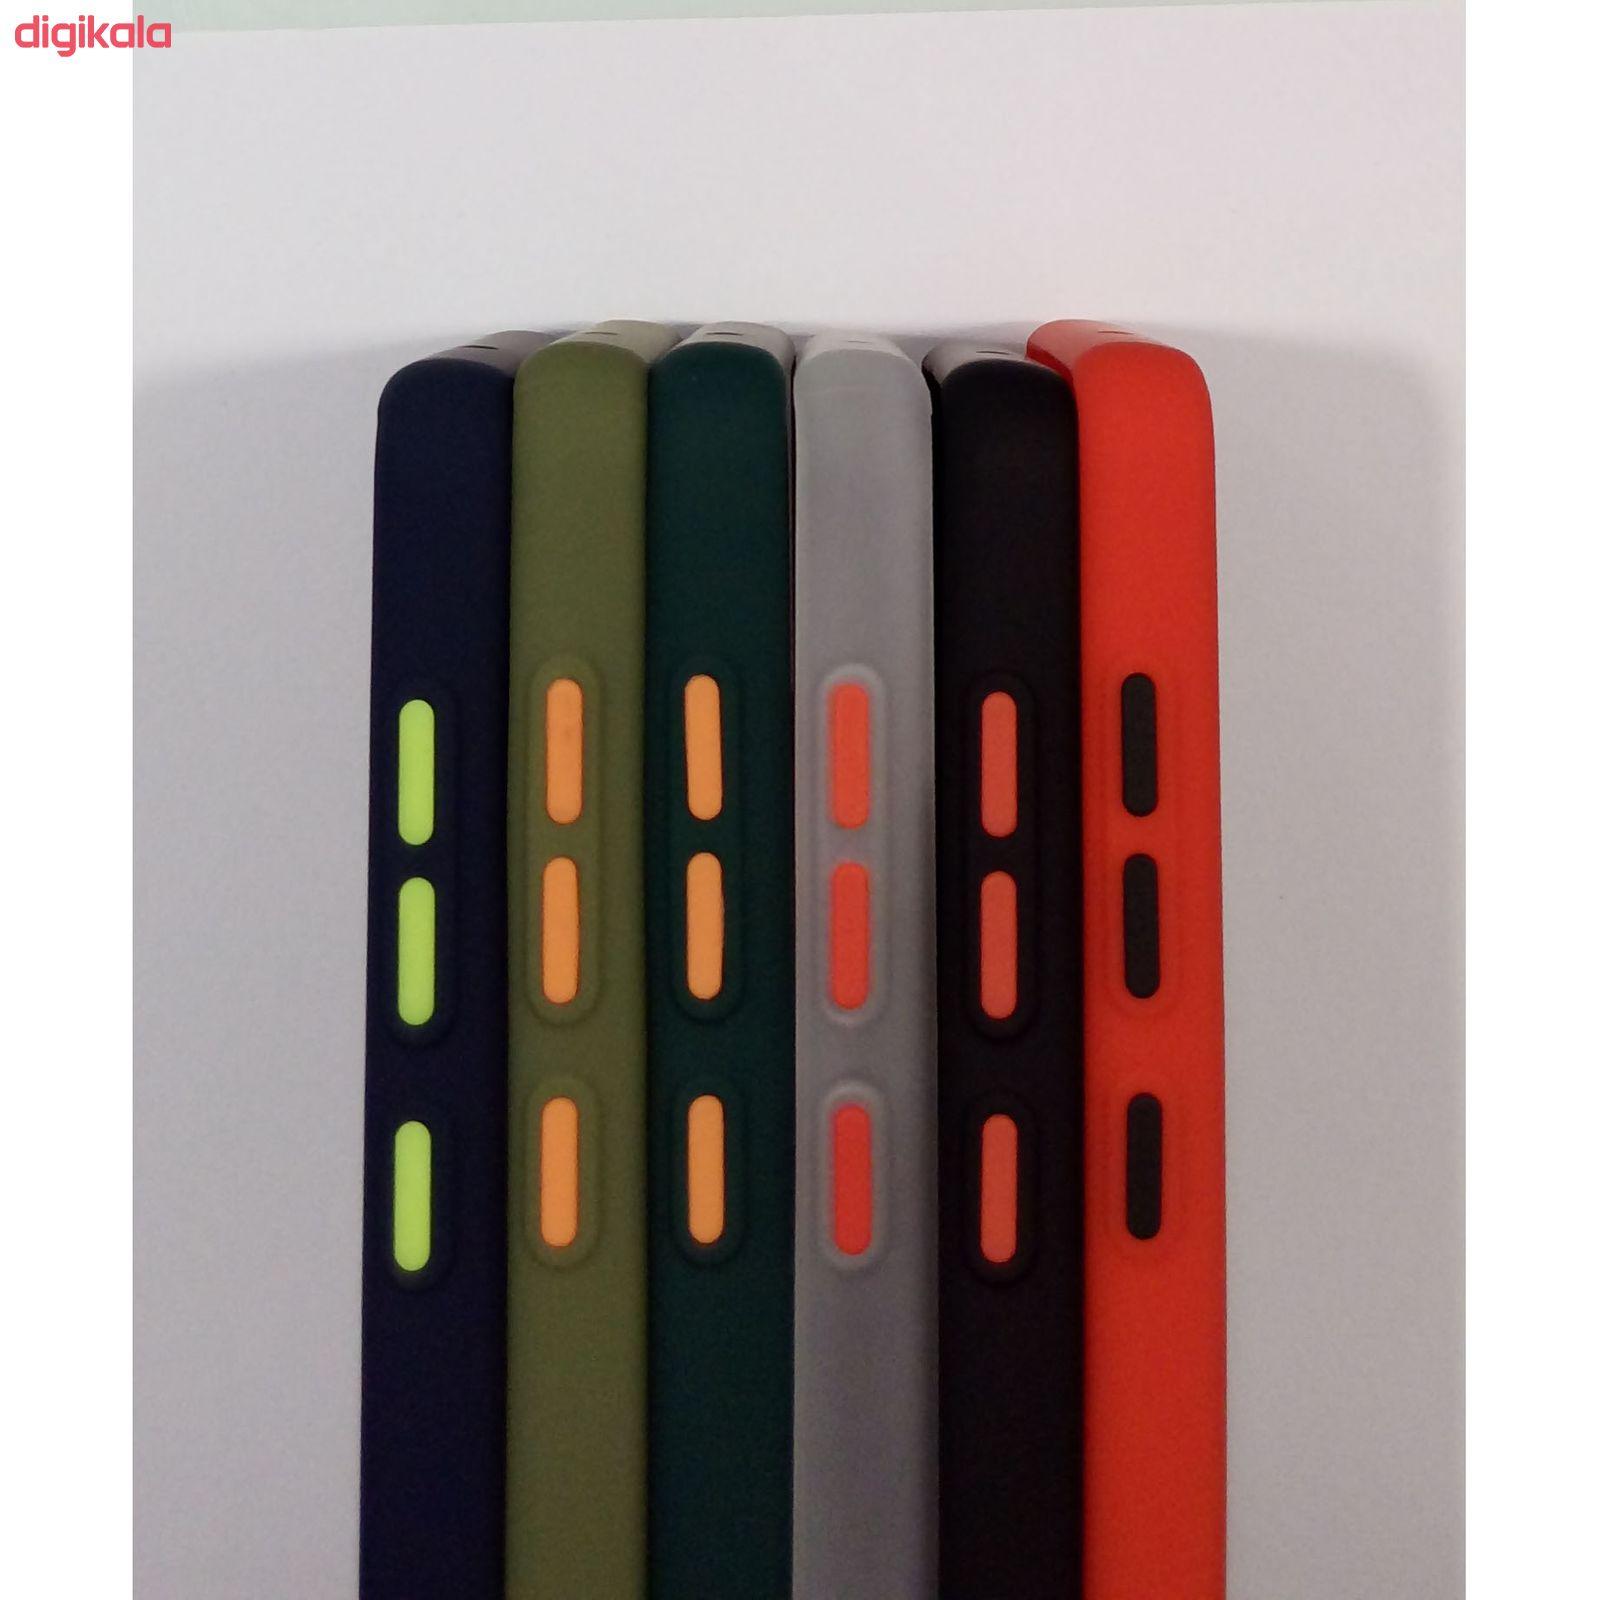 کاور مدل ma مناسب برای گوشی موبایل سامسونگ galaxy A21s main 1 1